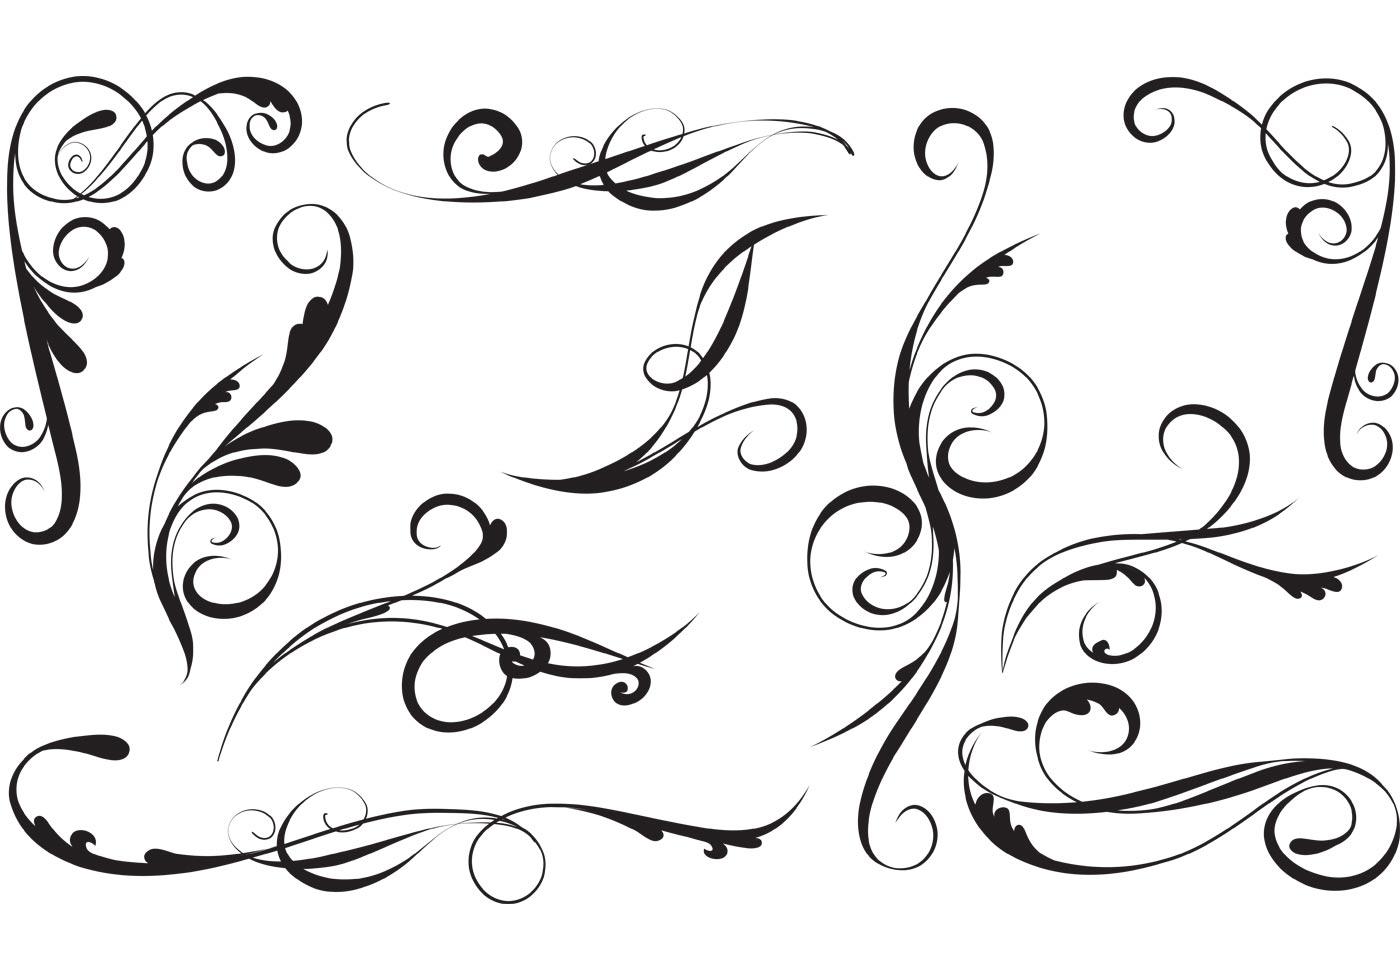 19 free vector elegant swirls images elegant swirl designs vector free elegant vector swirls. Black Bedroom Furniture Sets. Home Design Ideas